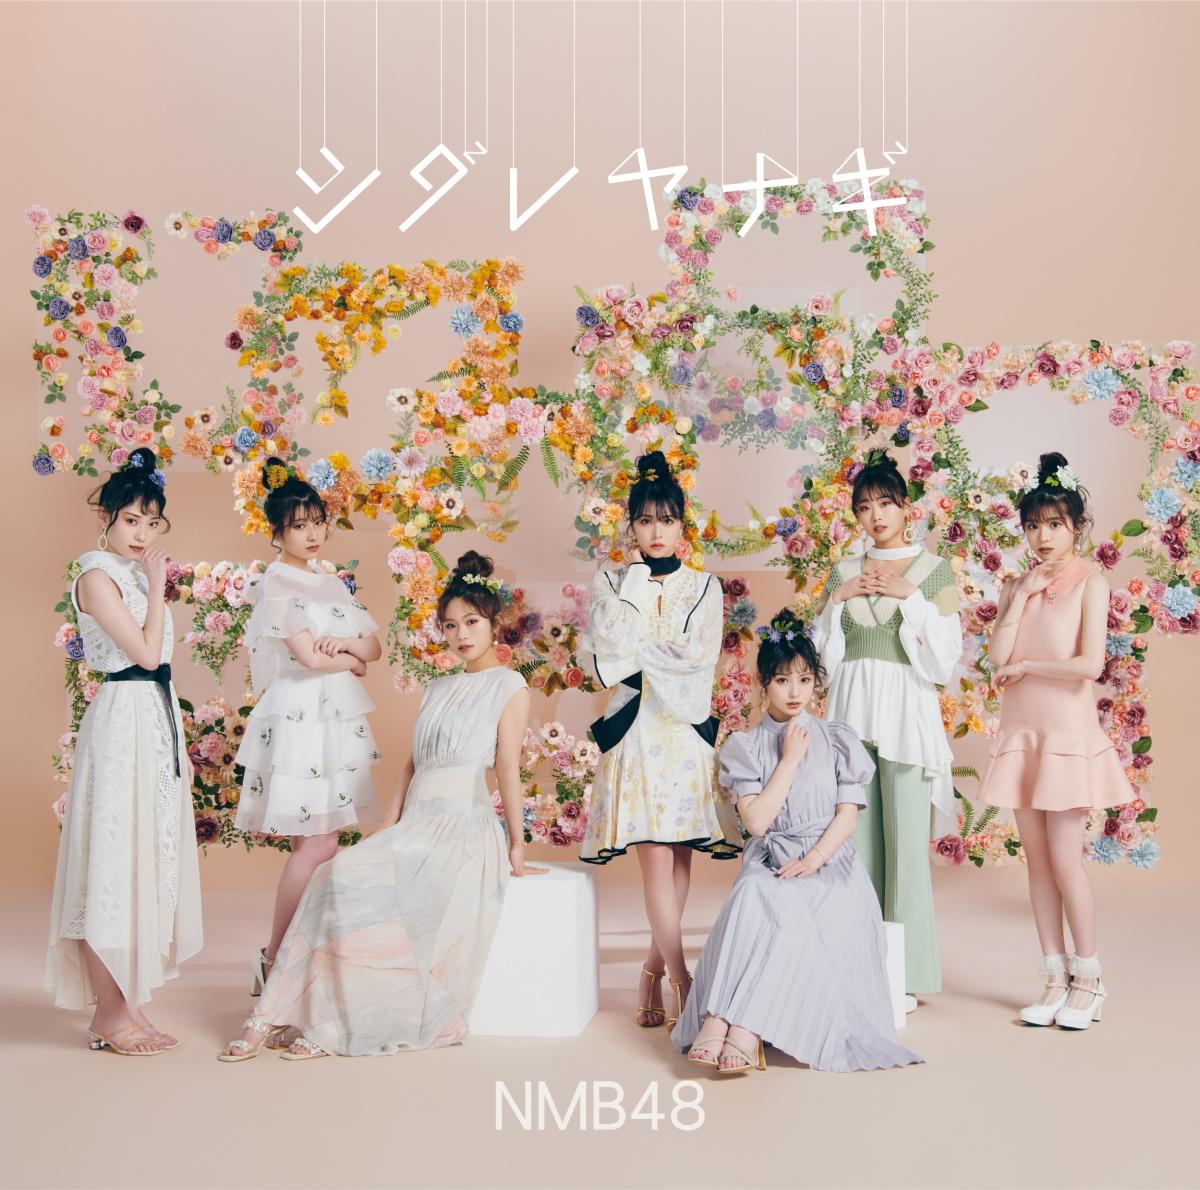 『きゅんmart(NMB48) - 選ばれし者たち』収録の『シダレヤナギ』ジャケット